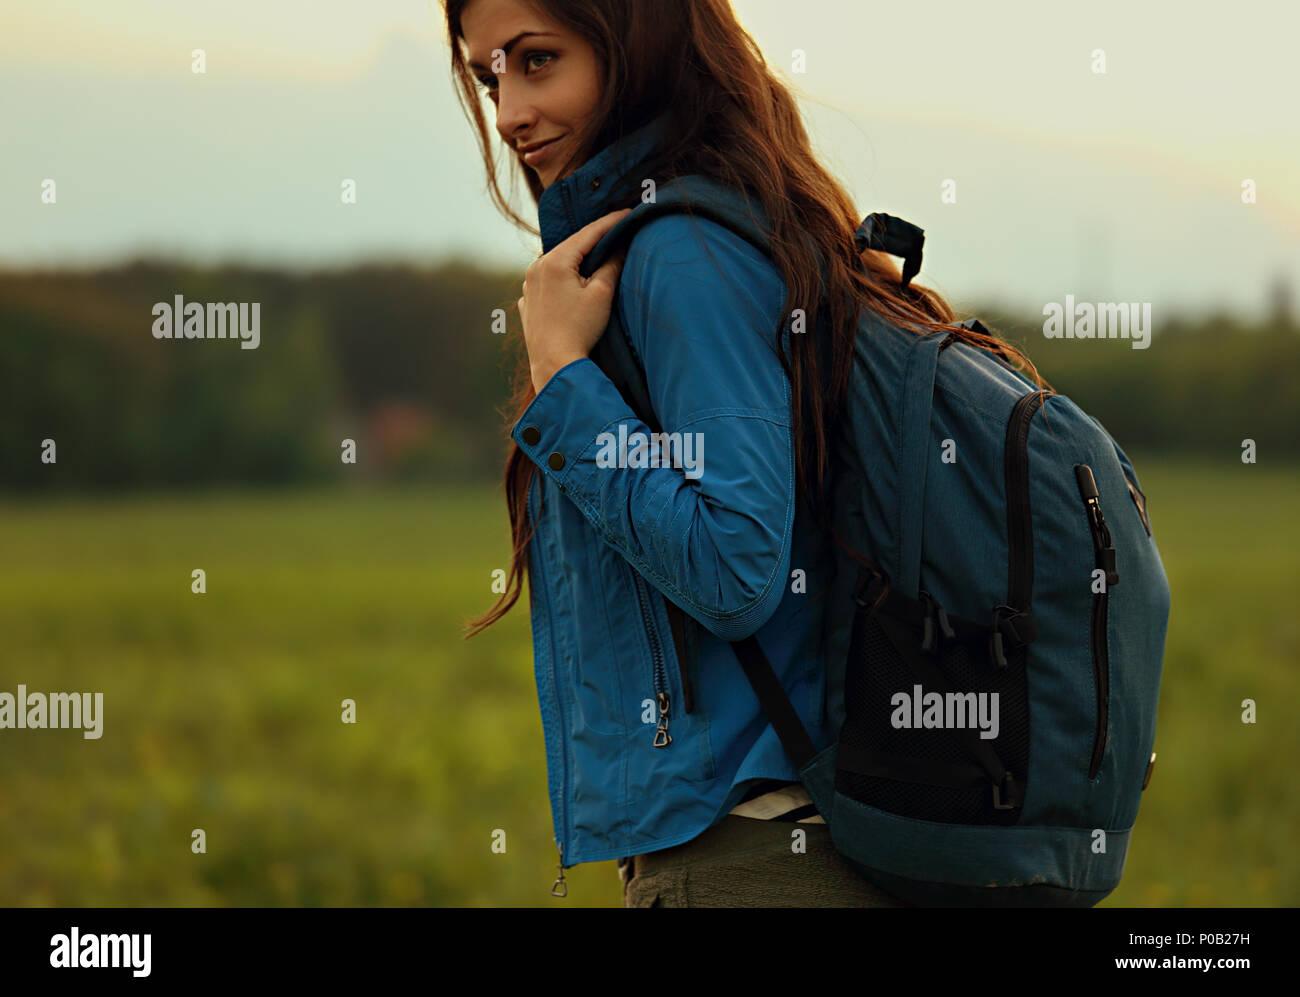 Feliz mochileros aventureros mujer tiene un viaje con azul enorme gaita en carácter de fondo de verano Imagen De Stock